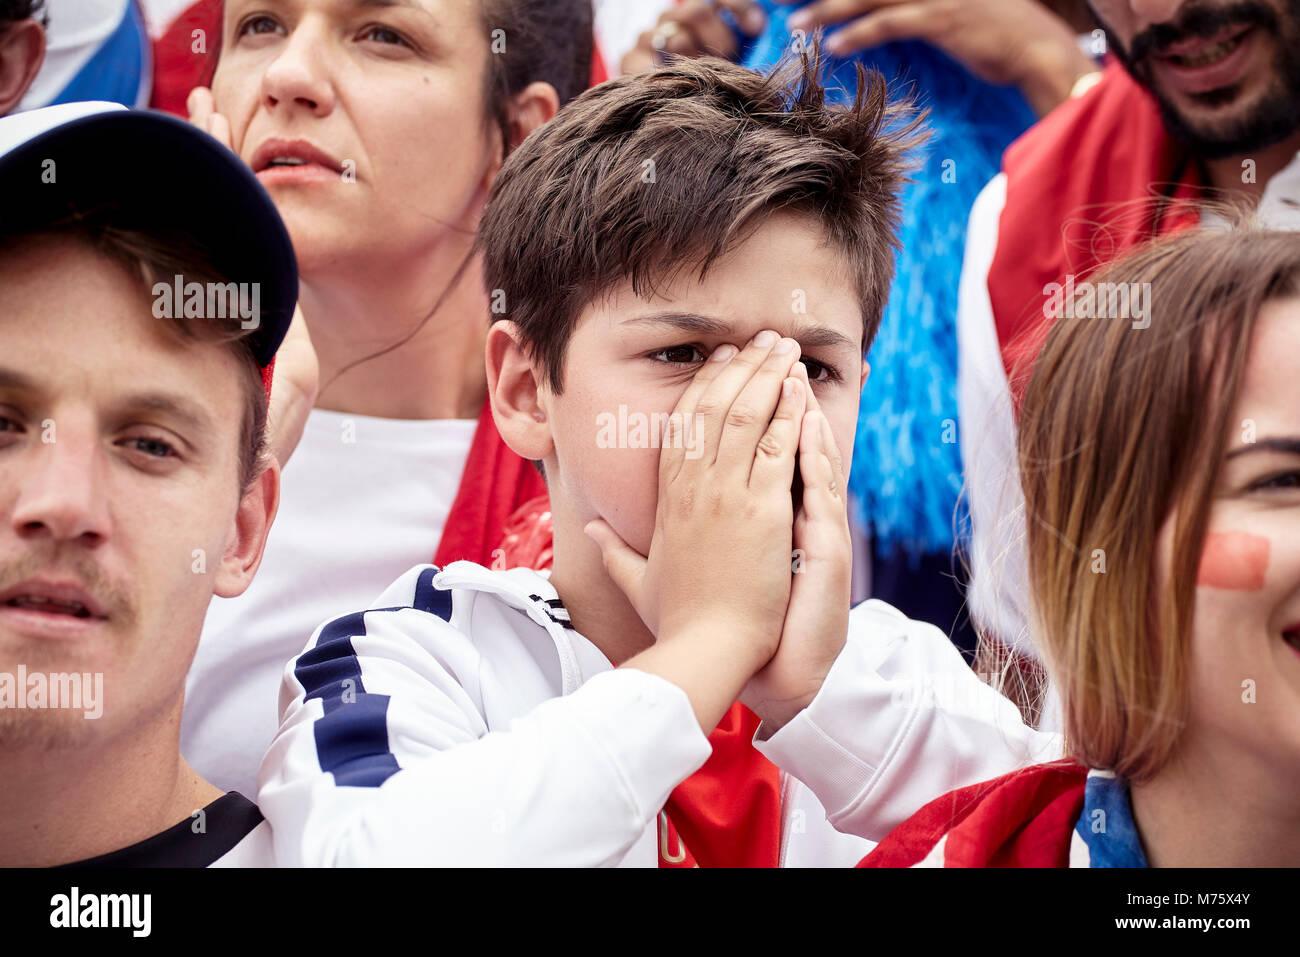 Junge Fußball-Fan für Gesicht während Fußballspiel Stockbild